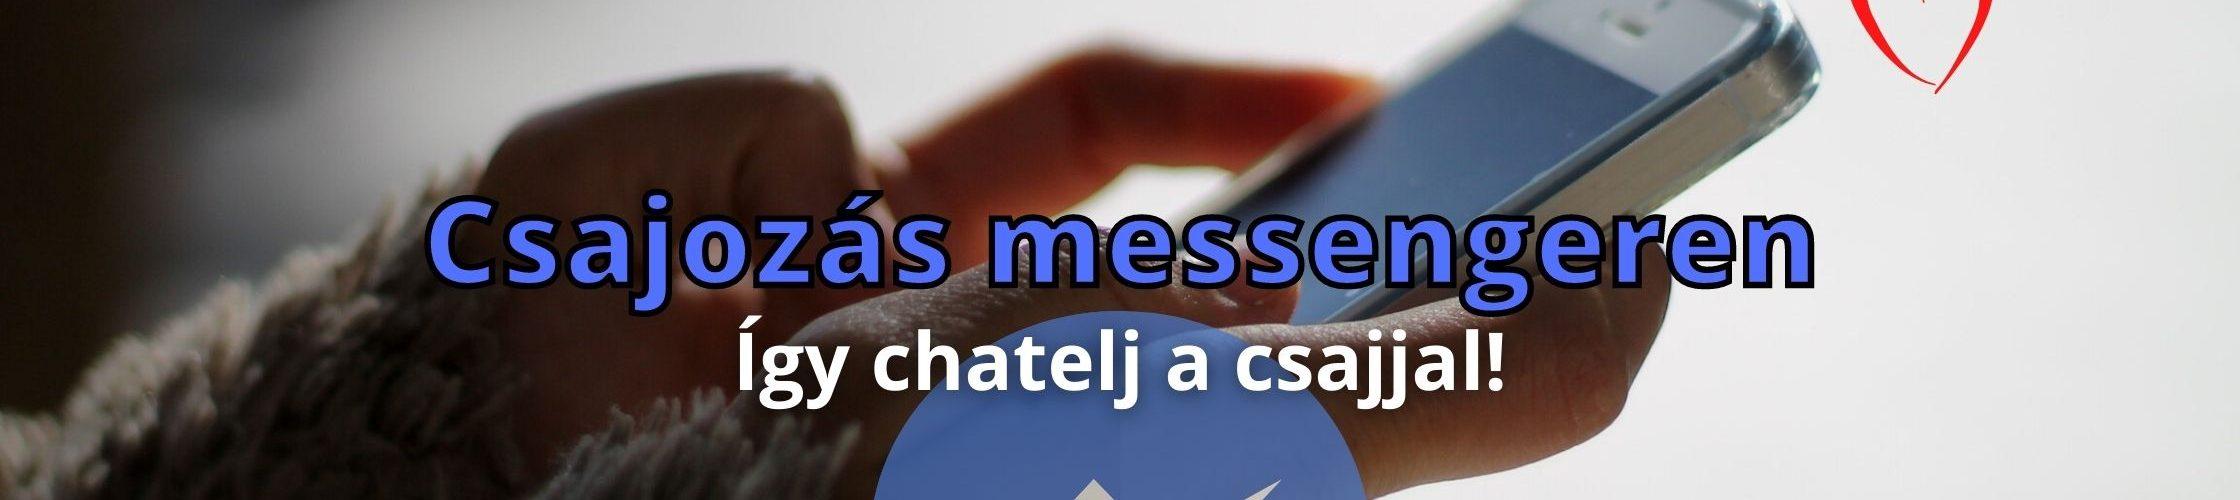 Facebook társkeresés - csajozás messengeren